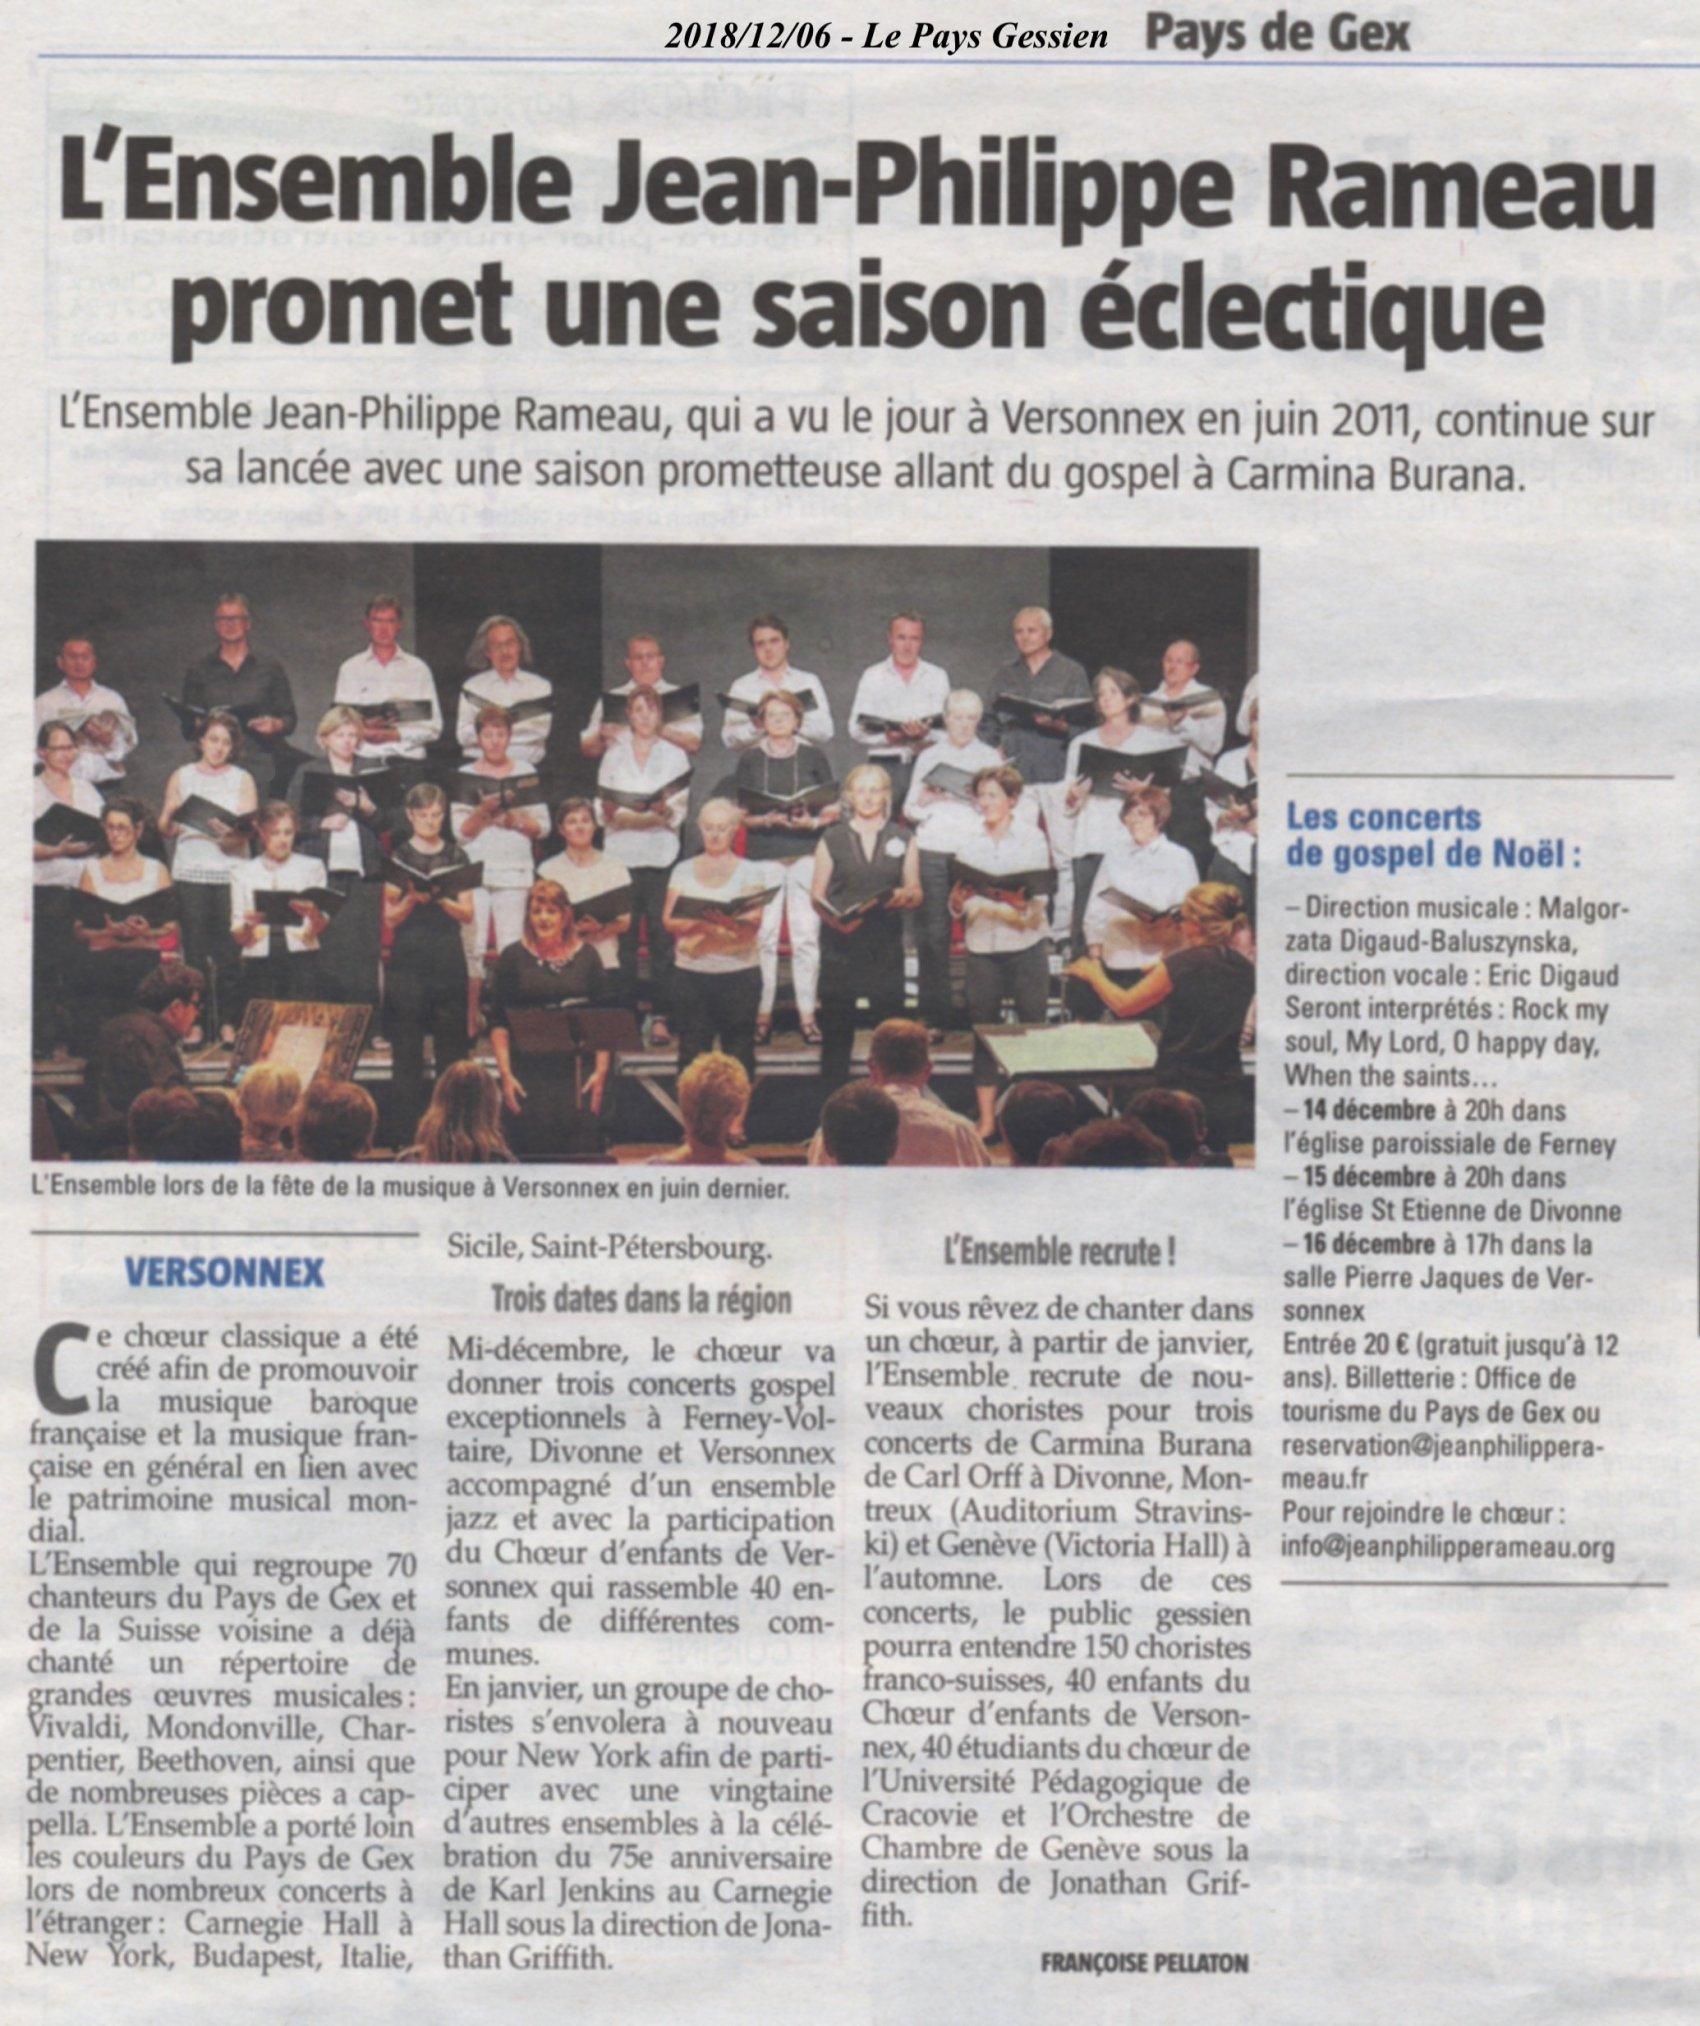 L'Ensemble JP Rameau promet une saison éclectique